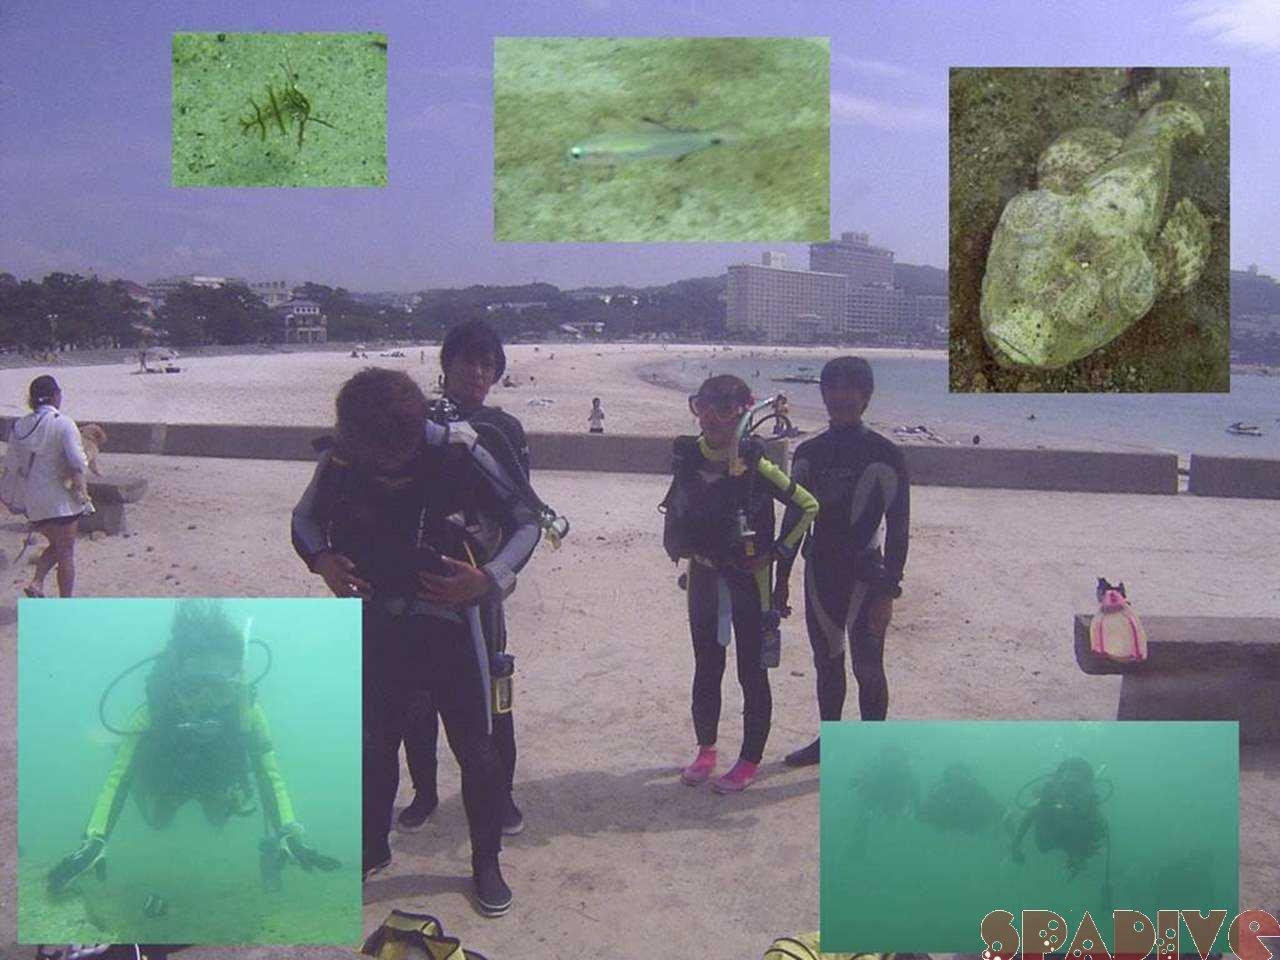 スクーバリビュー&AOWアドバンス講習ダイブ|9/19/2005白浜